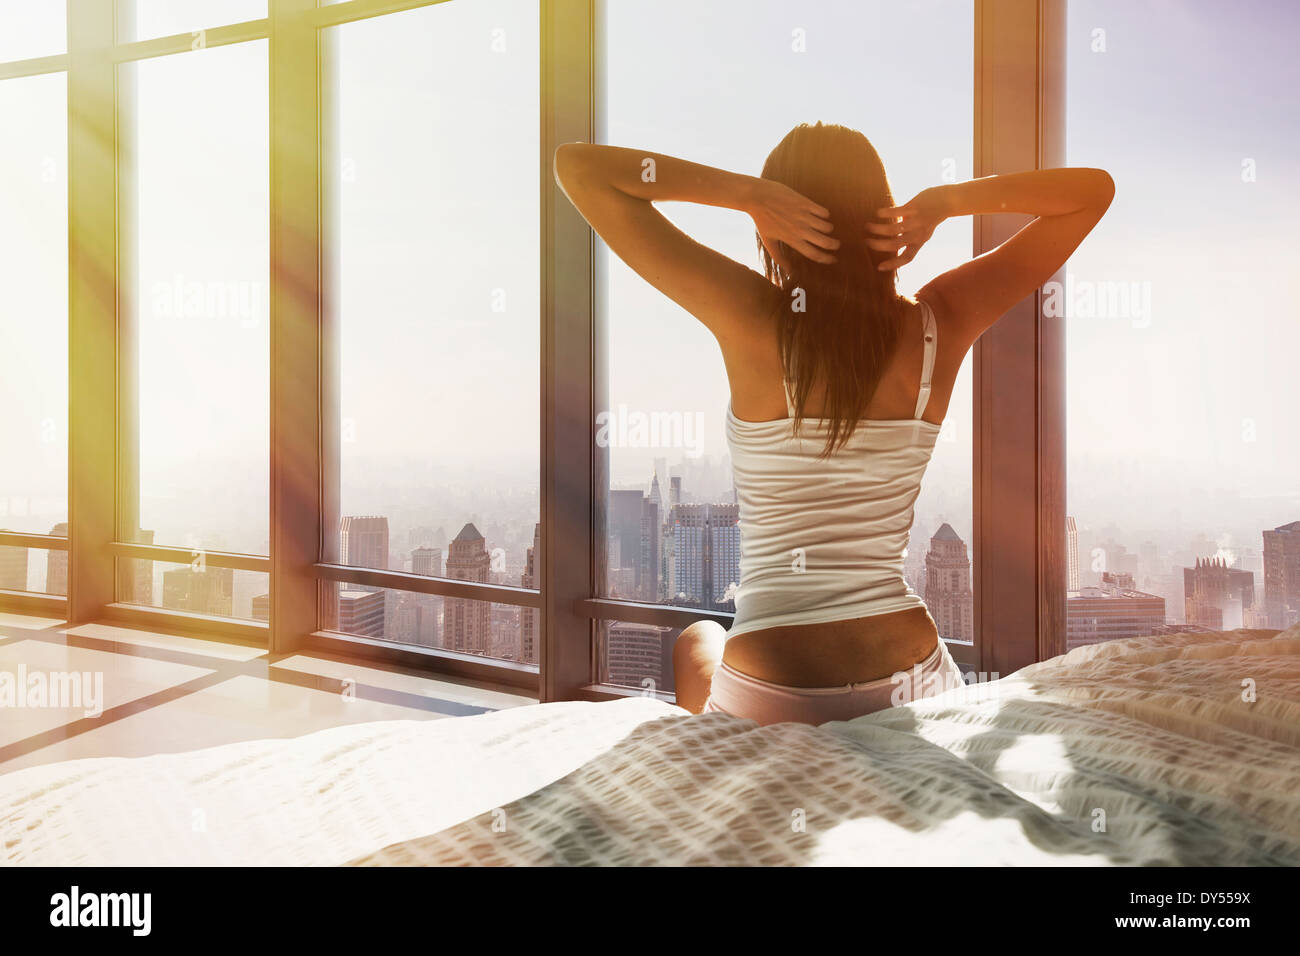 Mujer joven sentada en la cama, estirando, con vista a la ciudad Imagen De Stock